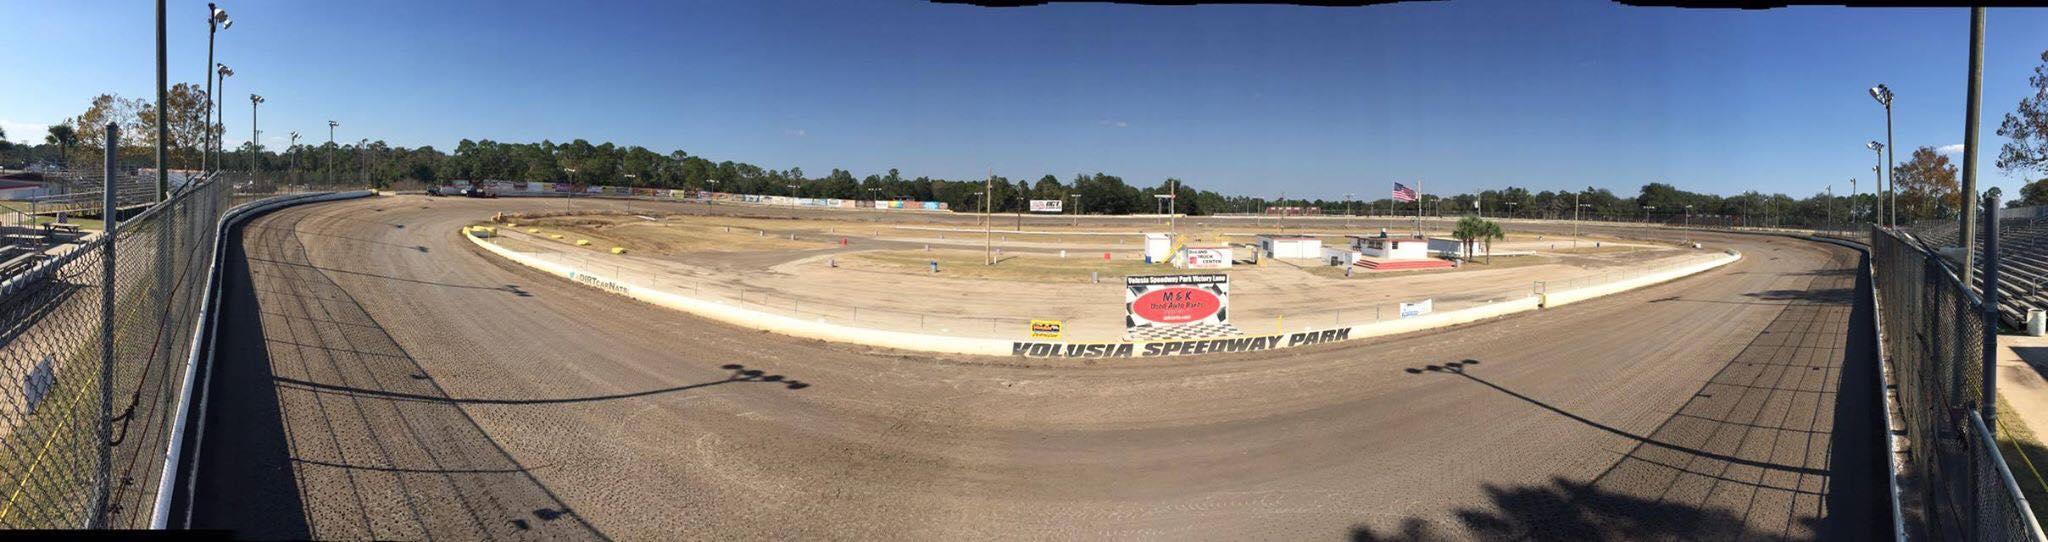 Volusia Speedway Dirt Track